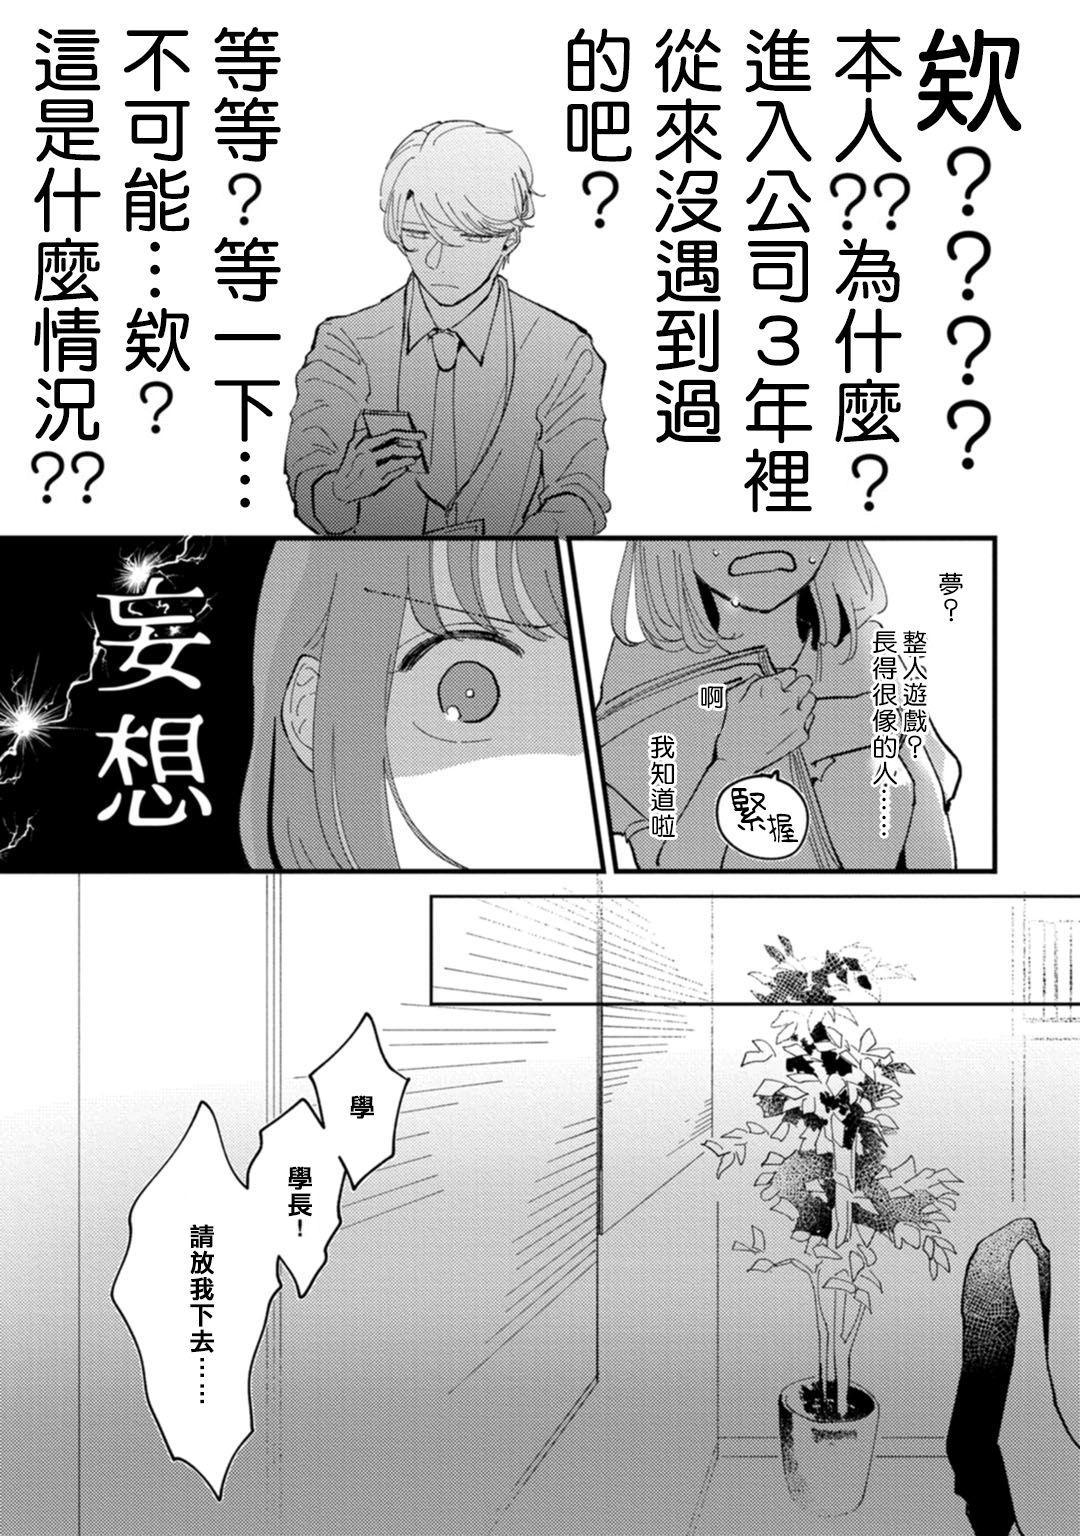 Watashiha Okazusenpai ni Taberaretai 19